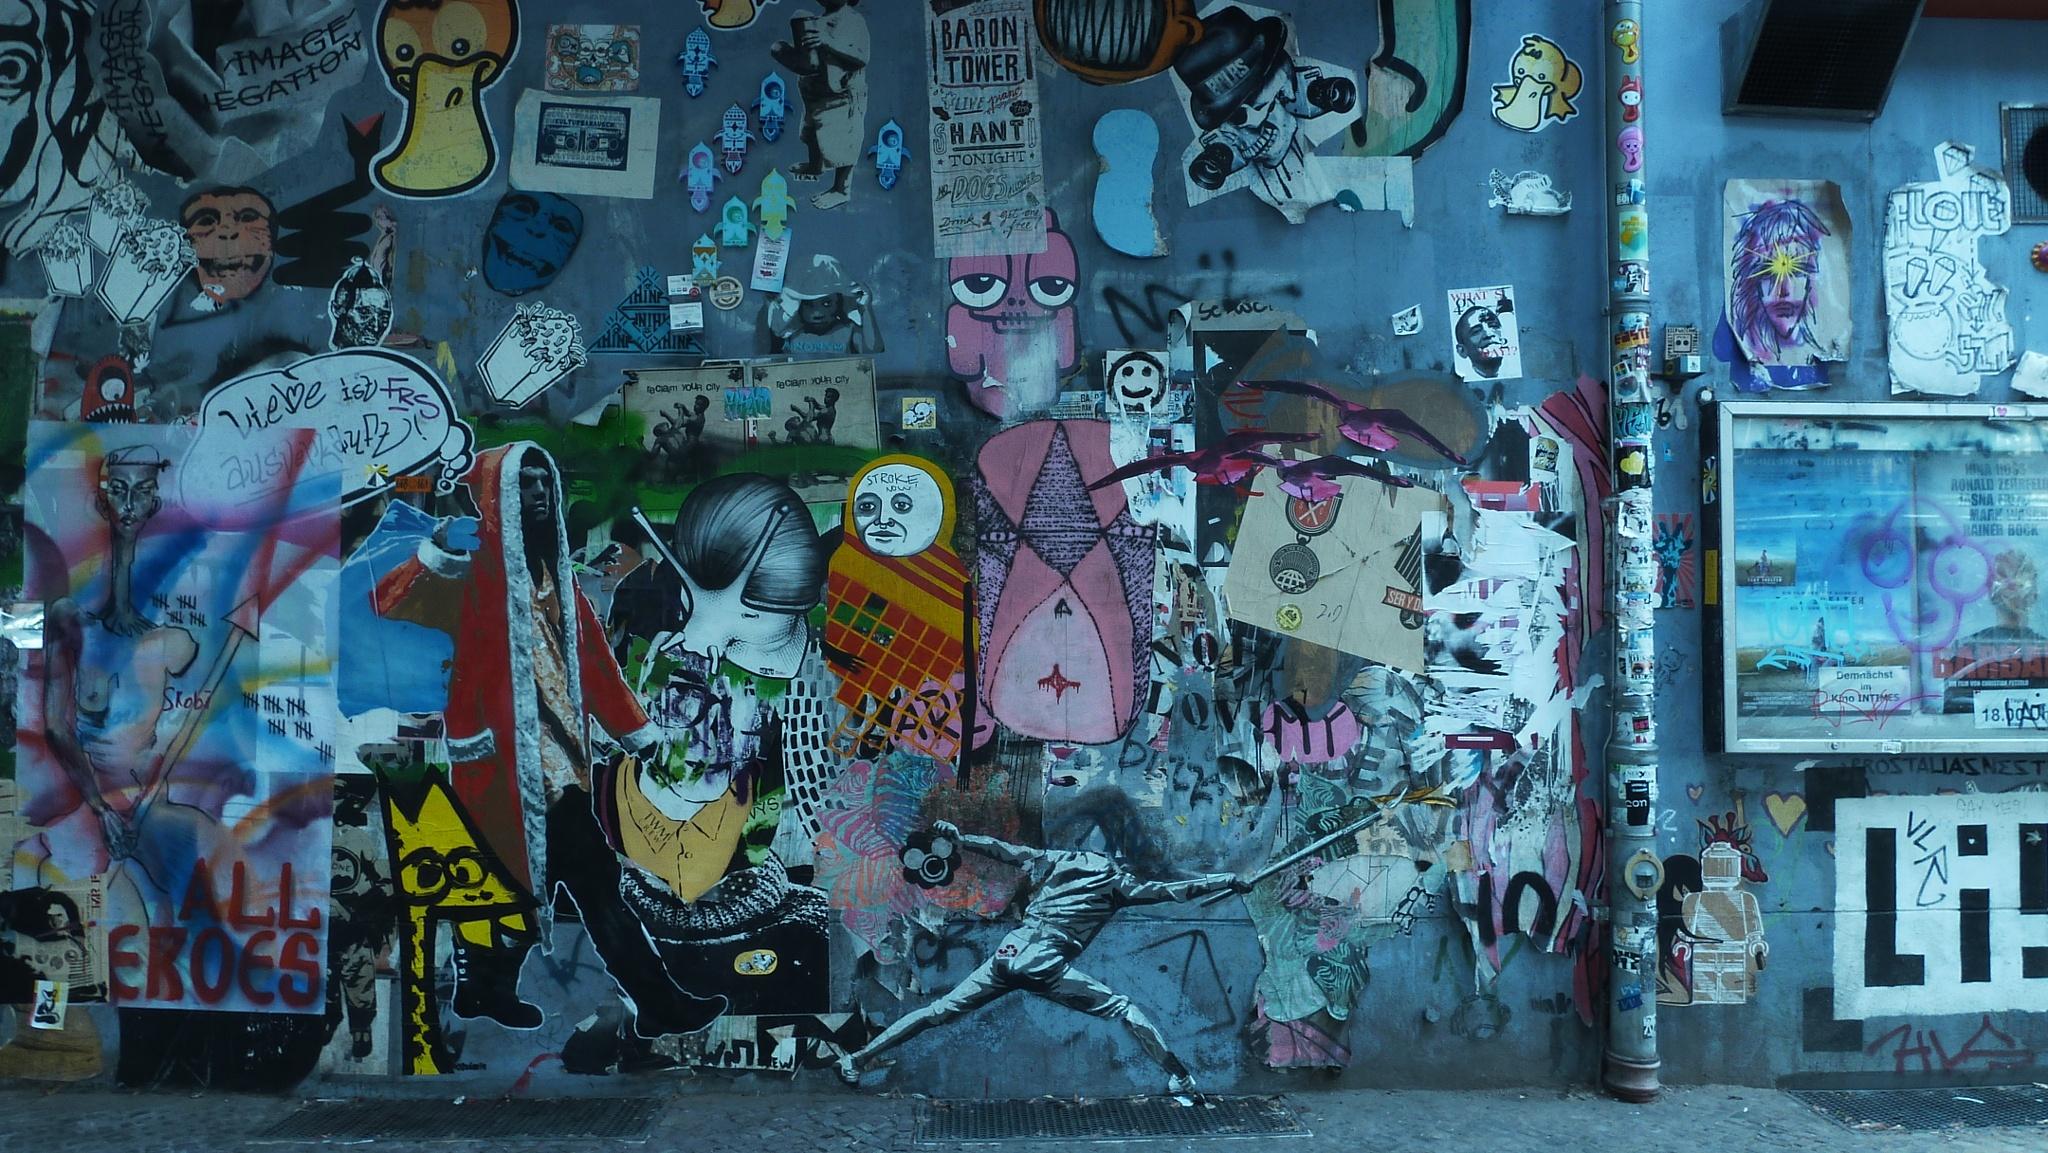 Berlin by FredWillem